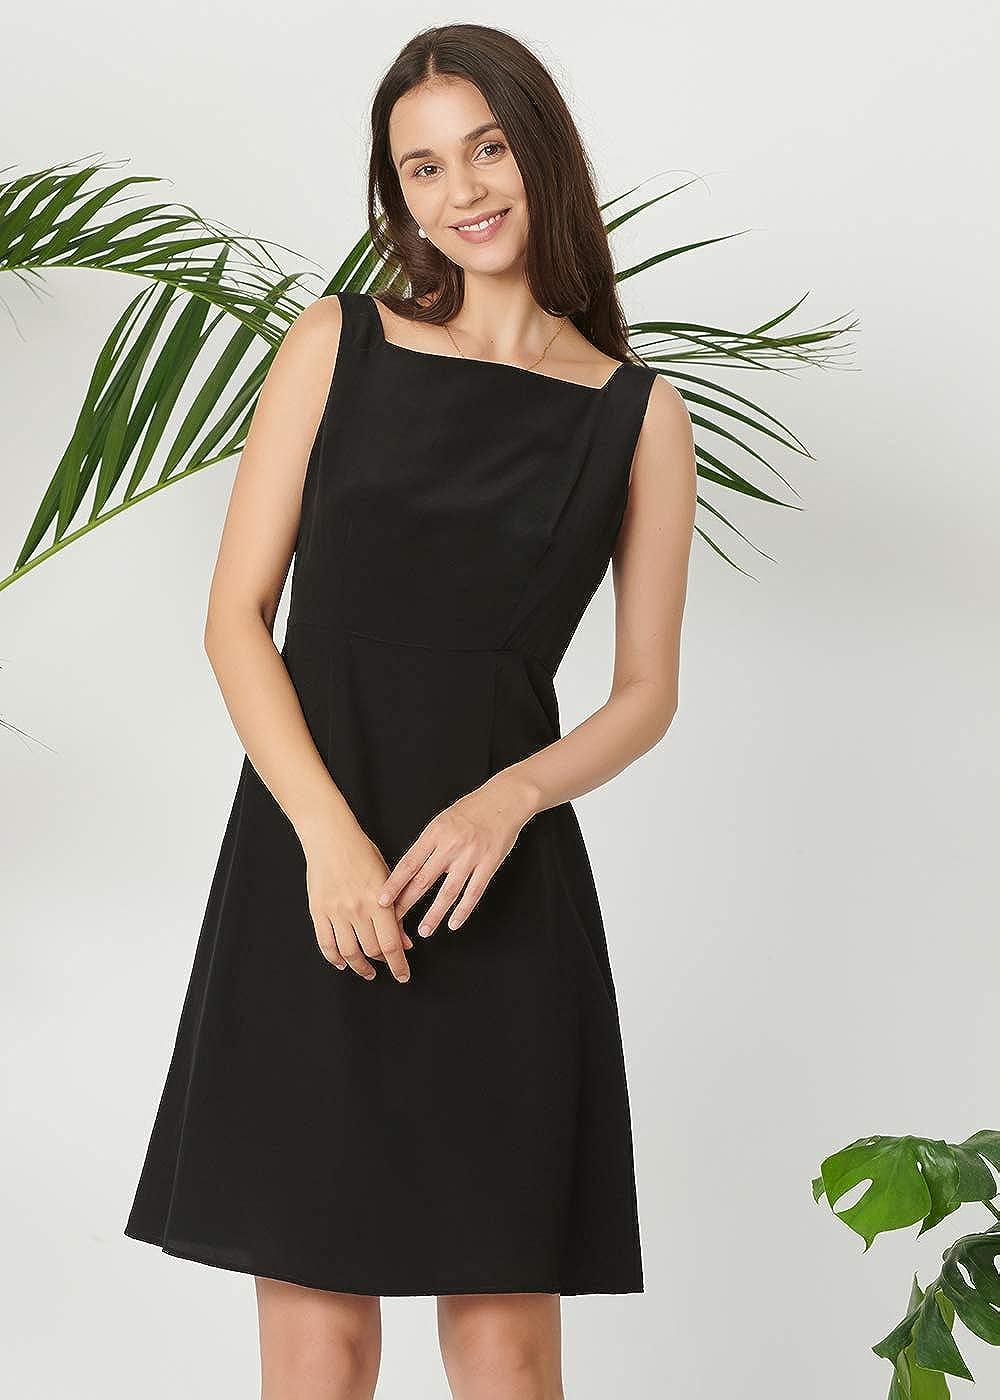 LilySilk Seide Kleider Schlicht Schwarze Seidenkleider Cocktailkleider Partykleider Verpackung MEHRWEG